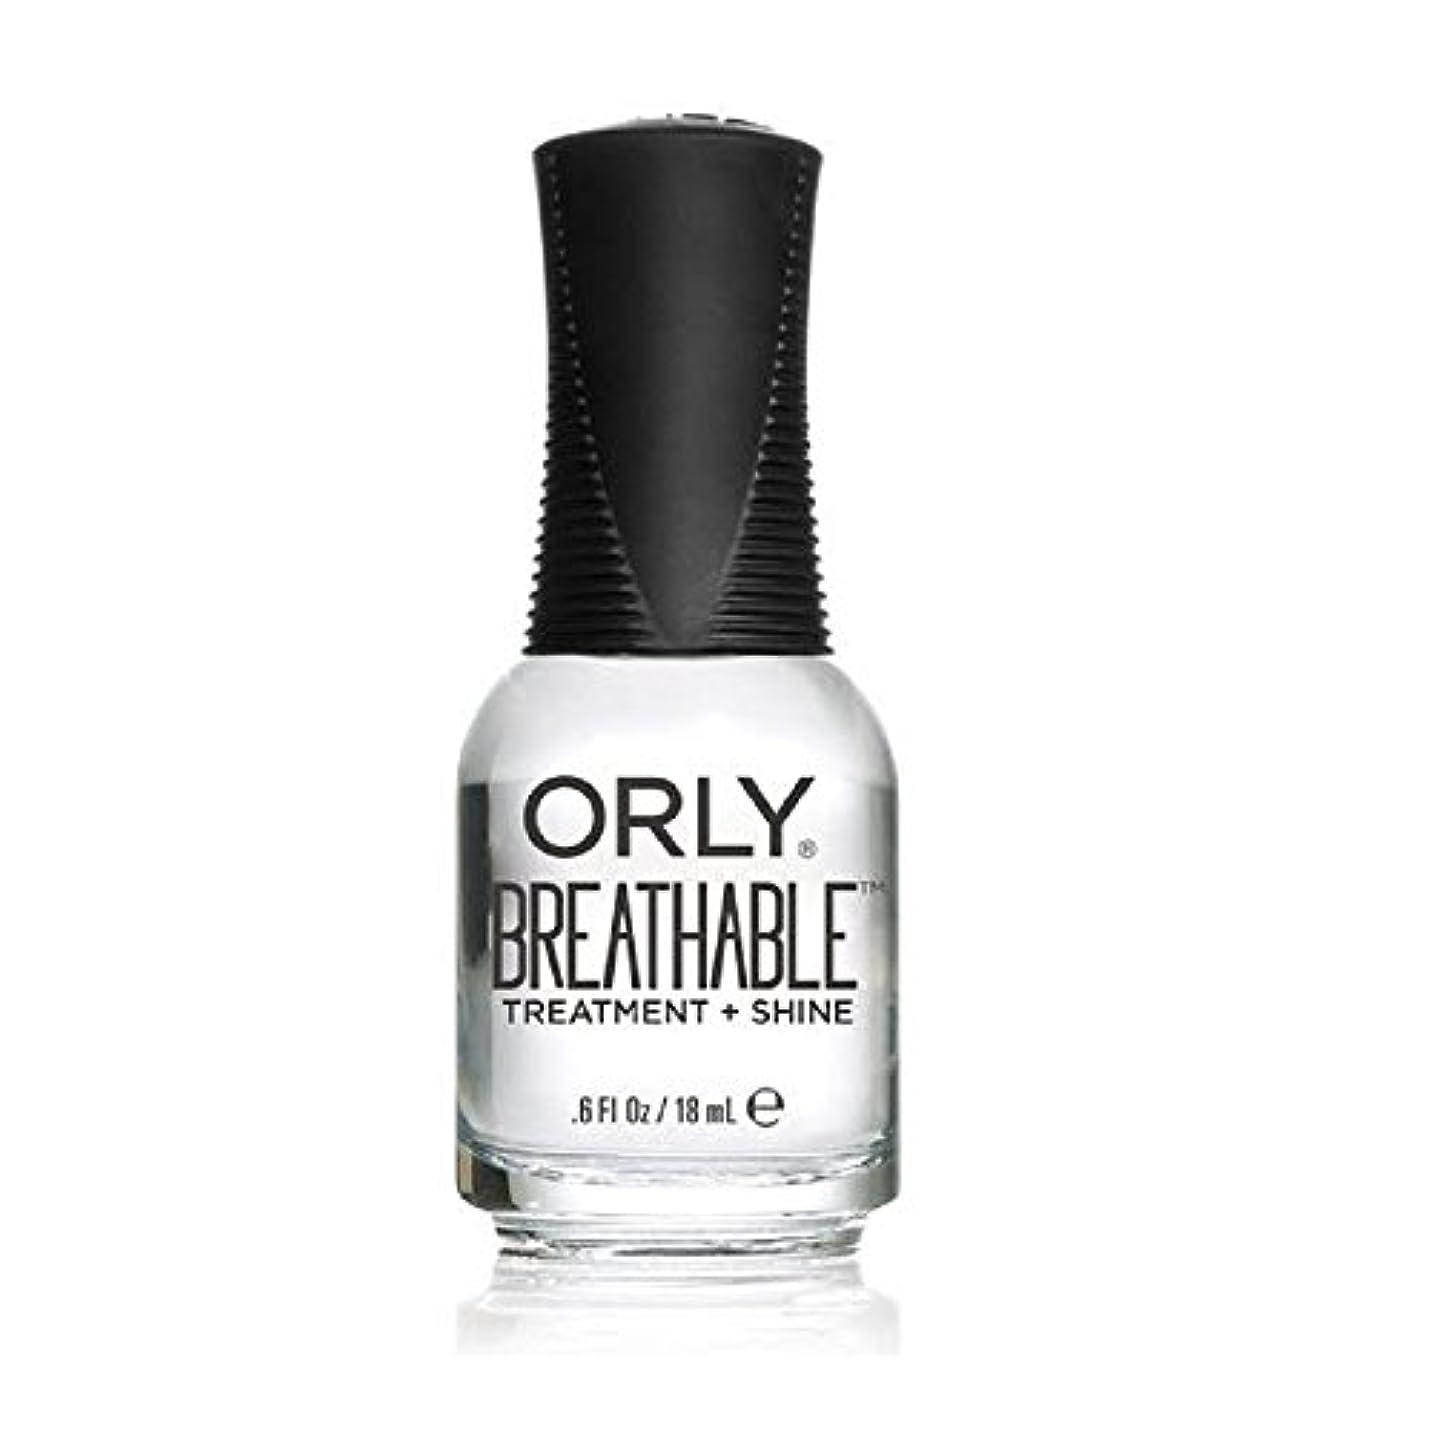 クッション見分ける立法Orly Breathable Treatment + Color Nail Lacquer - Treatment + Shine - 0.6oz/18ml